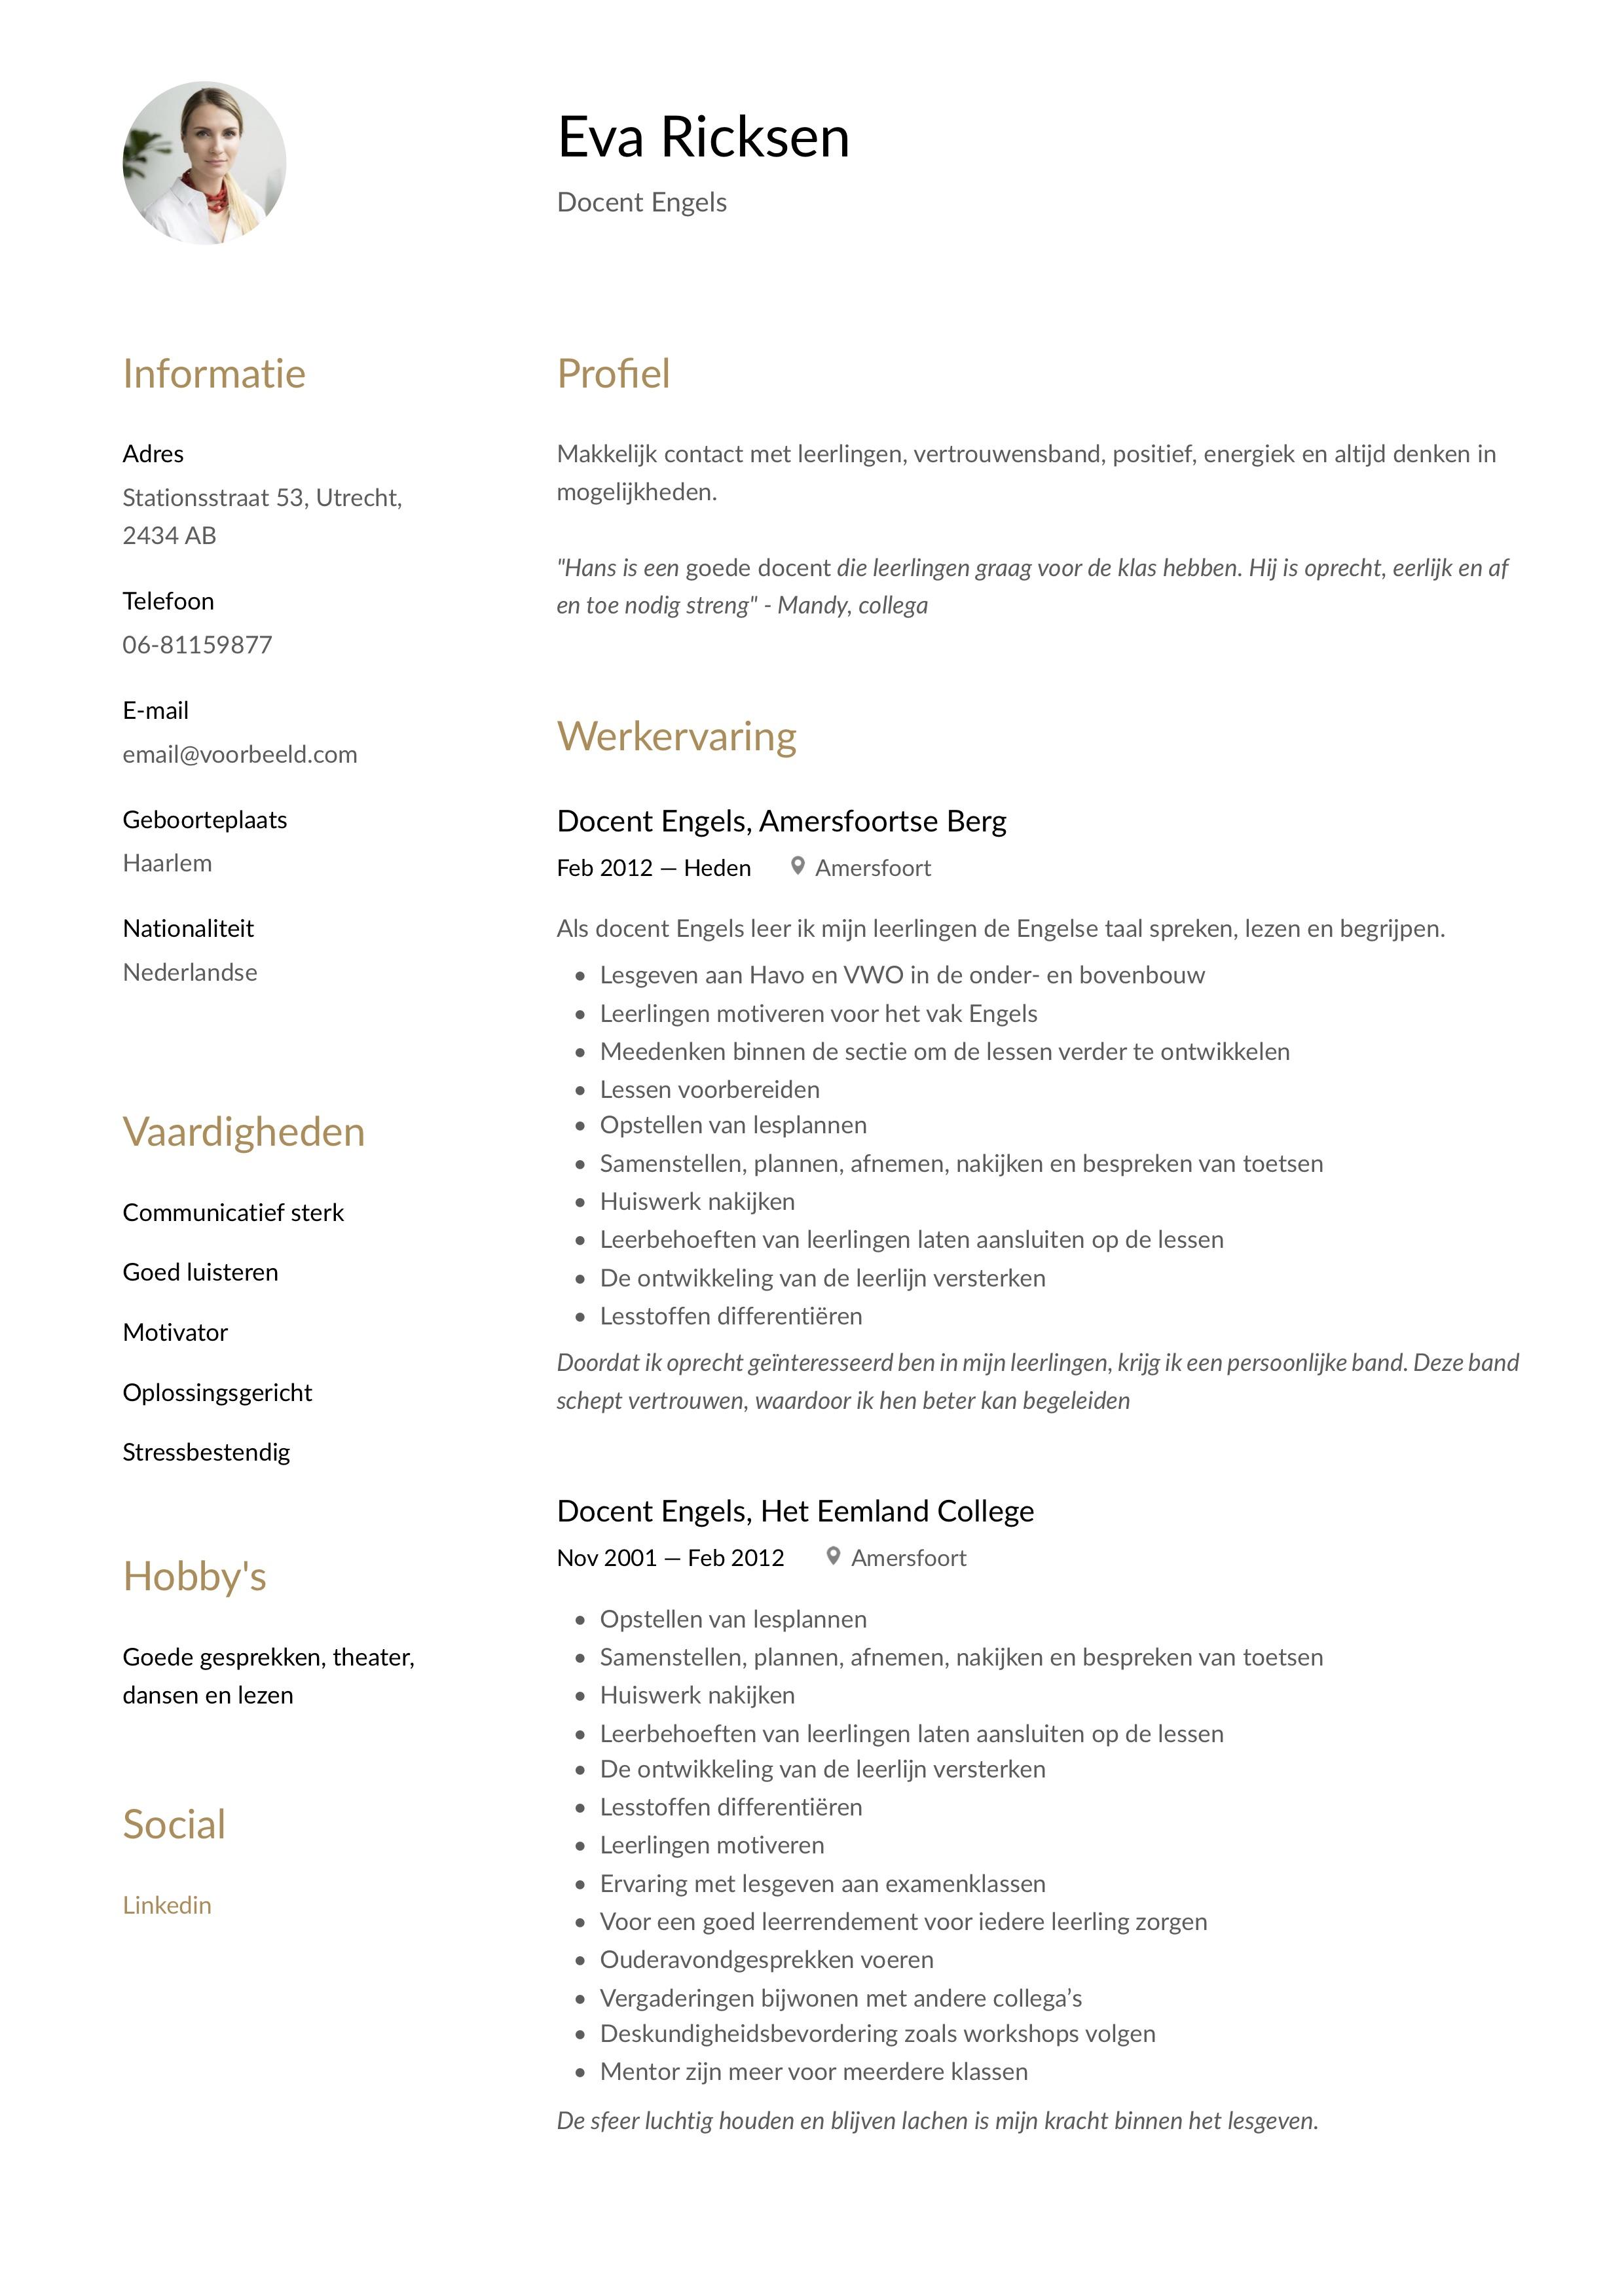 CV Voorbeeld Docent Engels